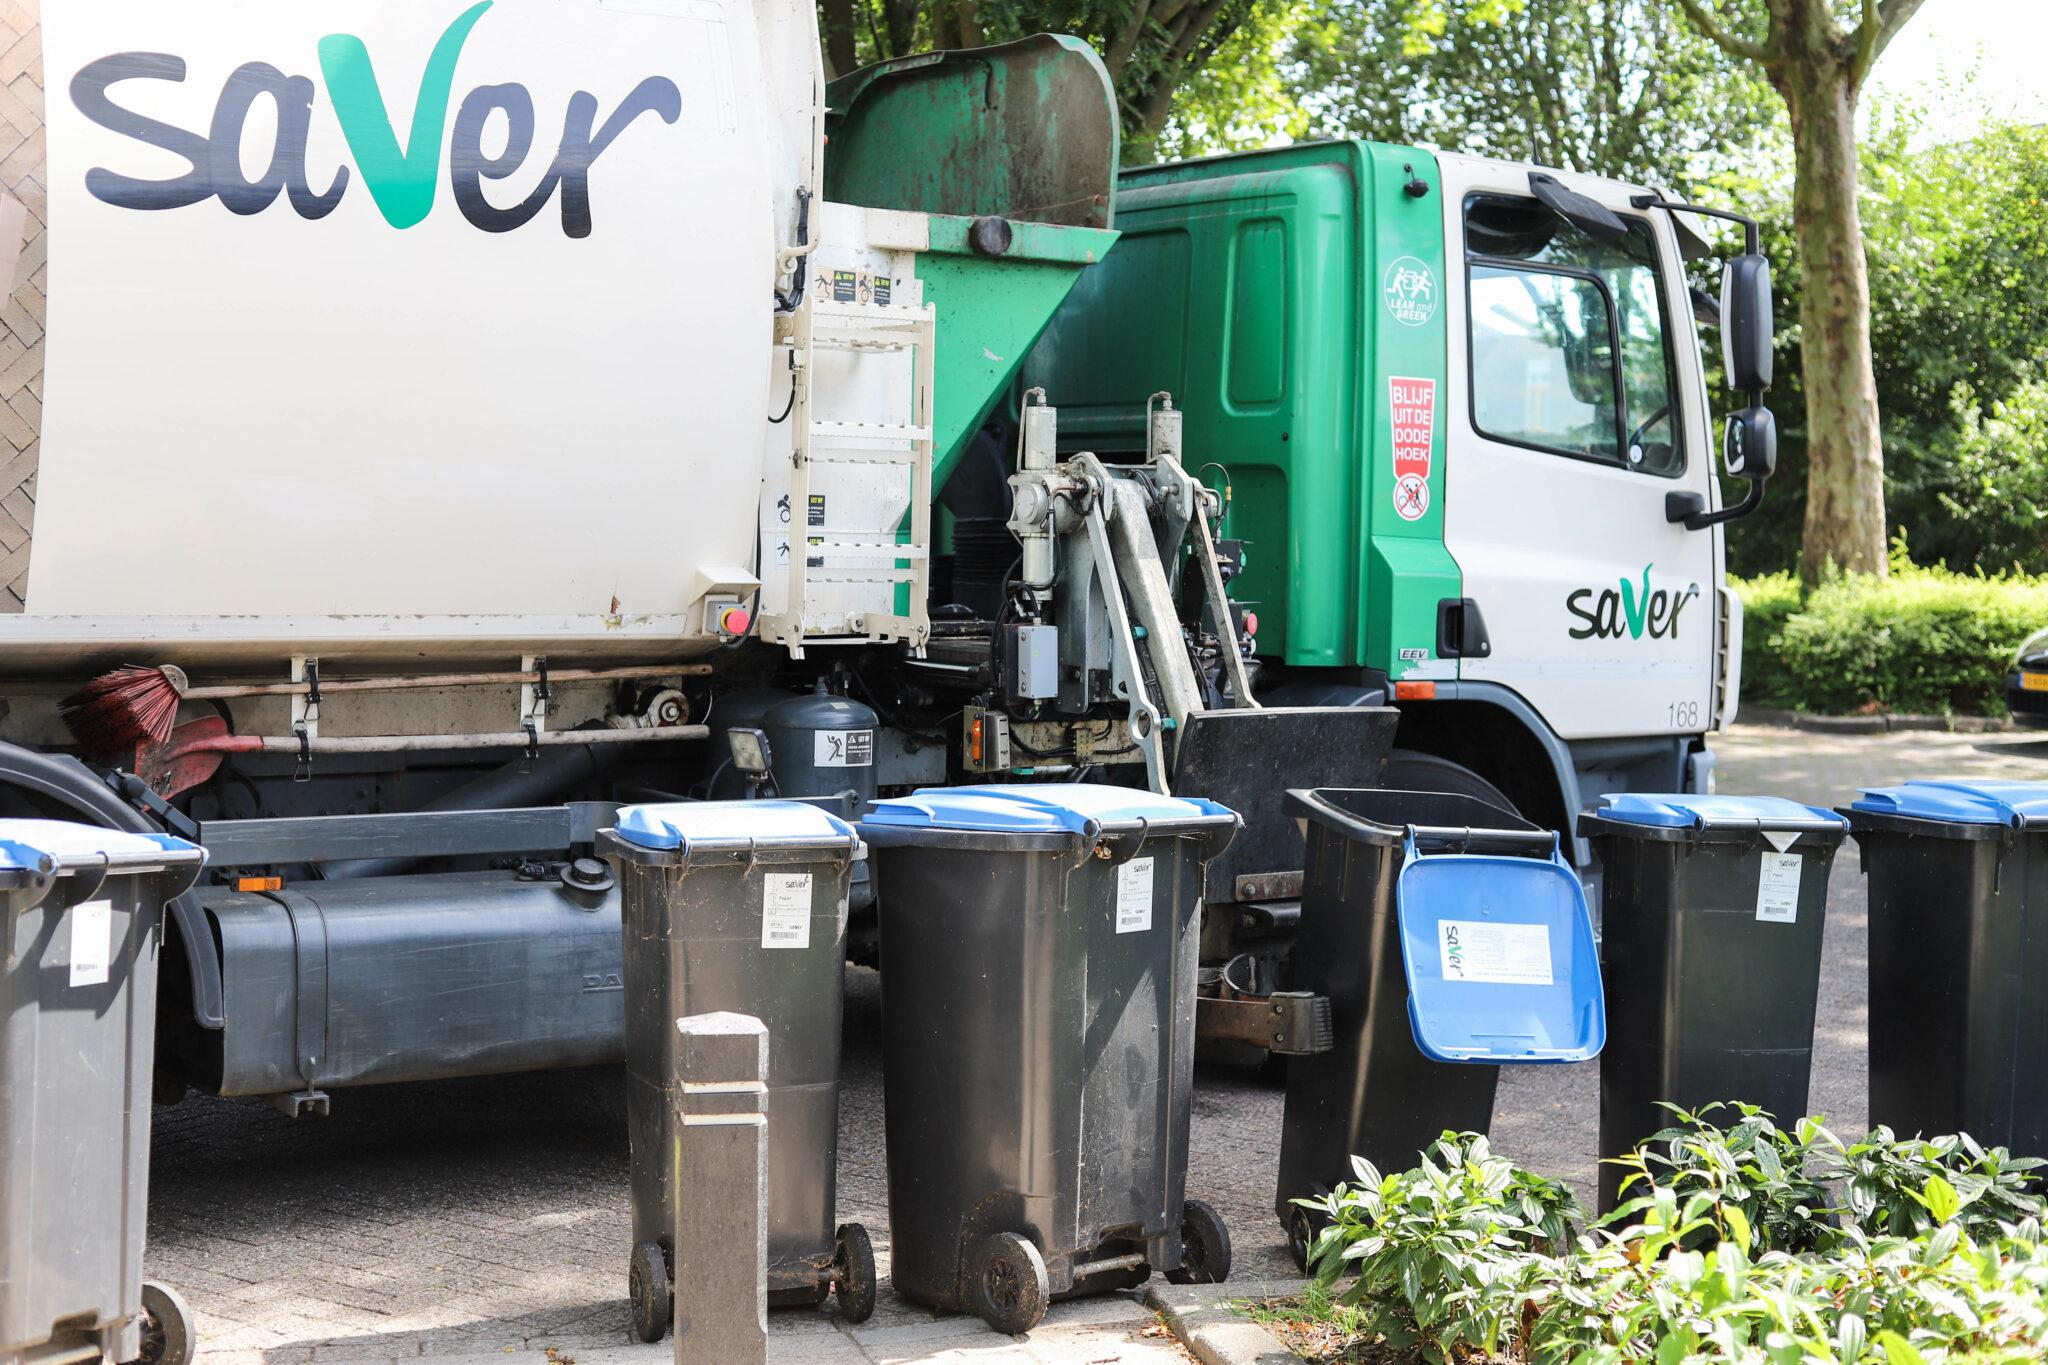 verhuizen naar bergen op zoom vuilnisbak container kliko papierbak papier blauwe bak afval oud papier saver vuilniswagen